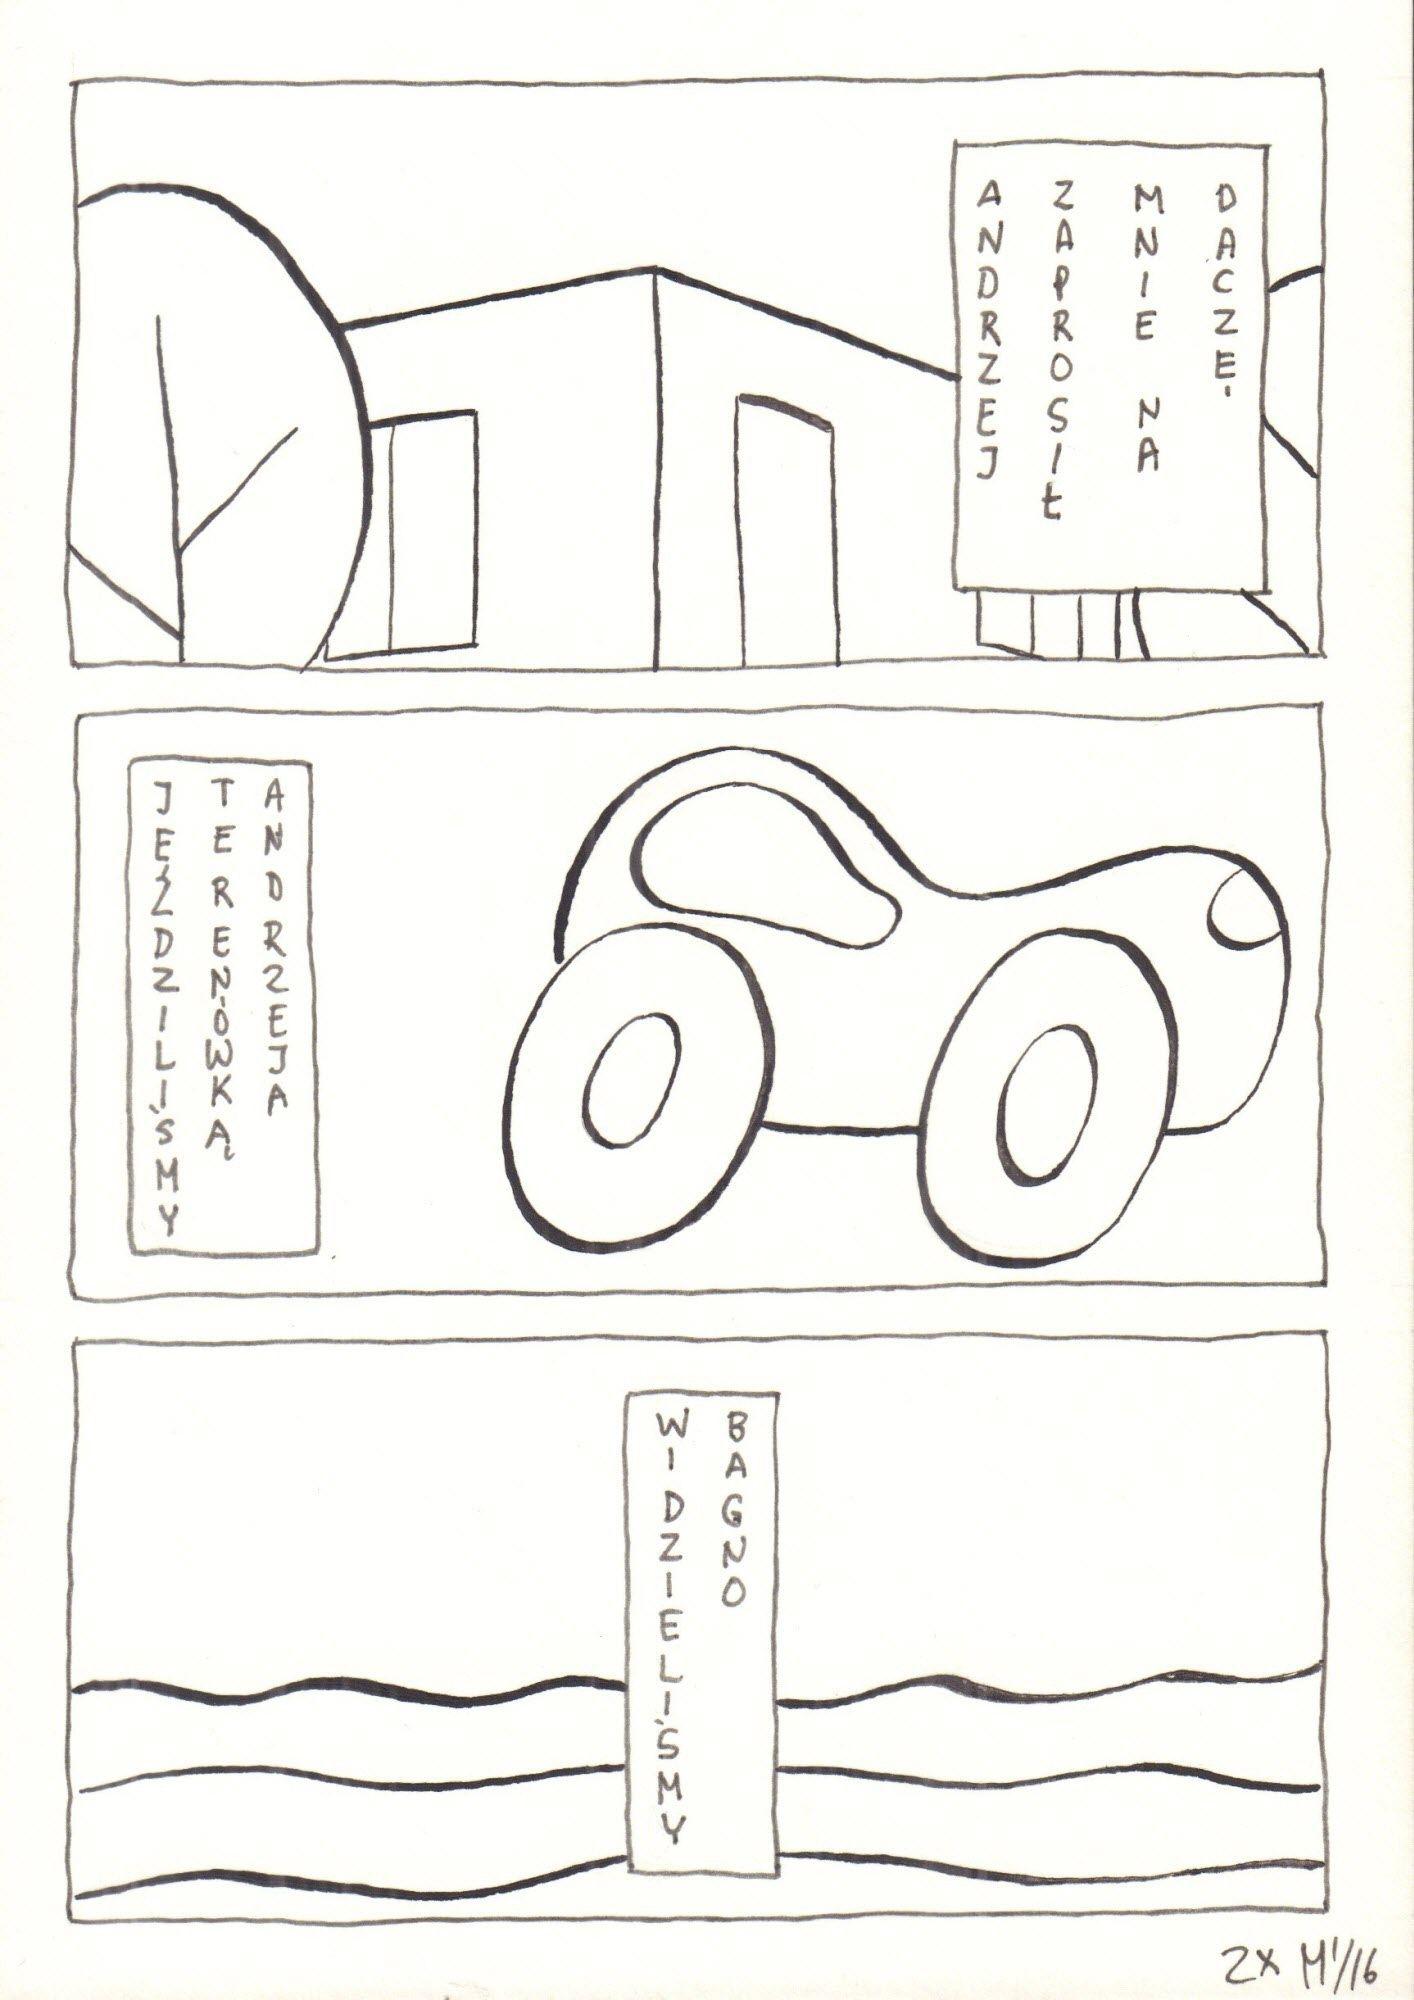 Maszinga: Zwodnicze nowe obrazy, s. 65